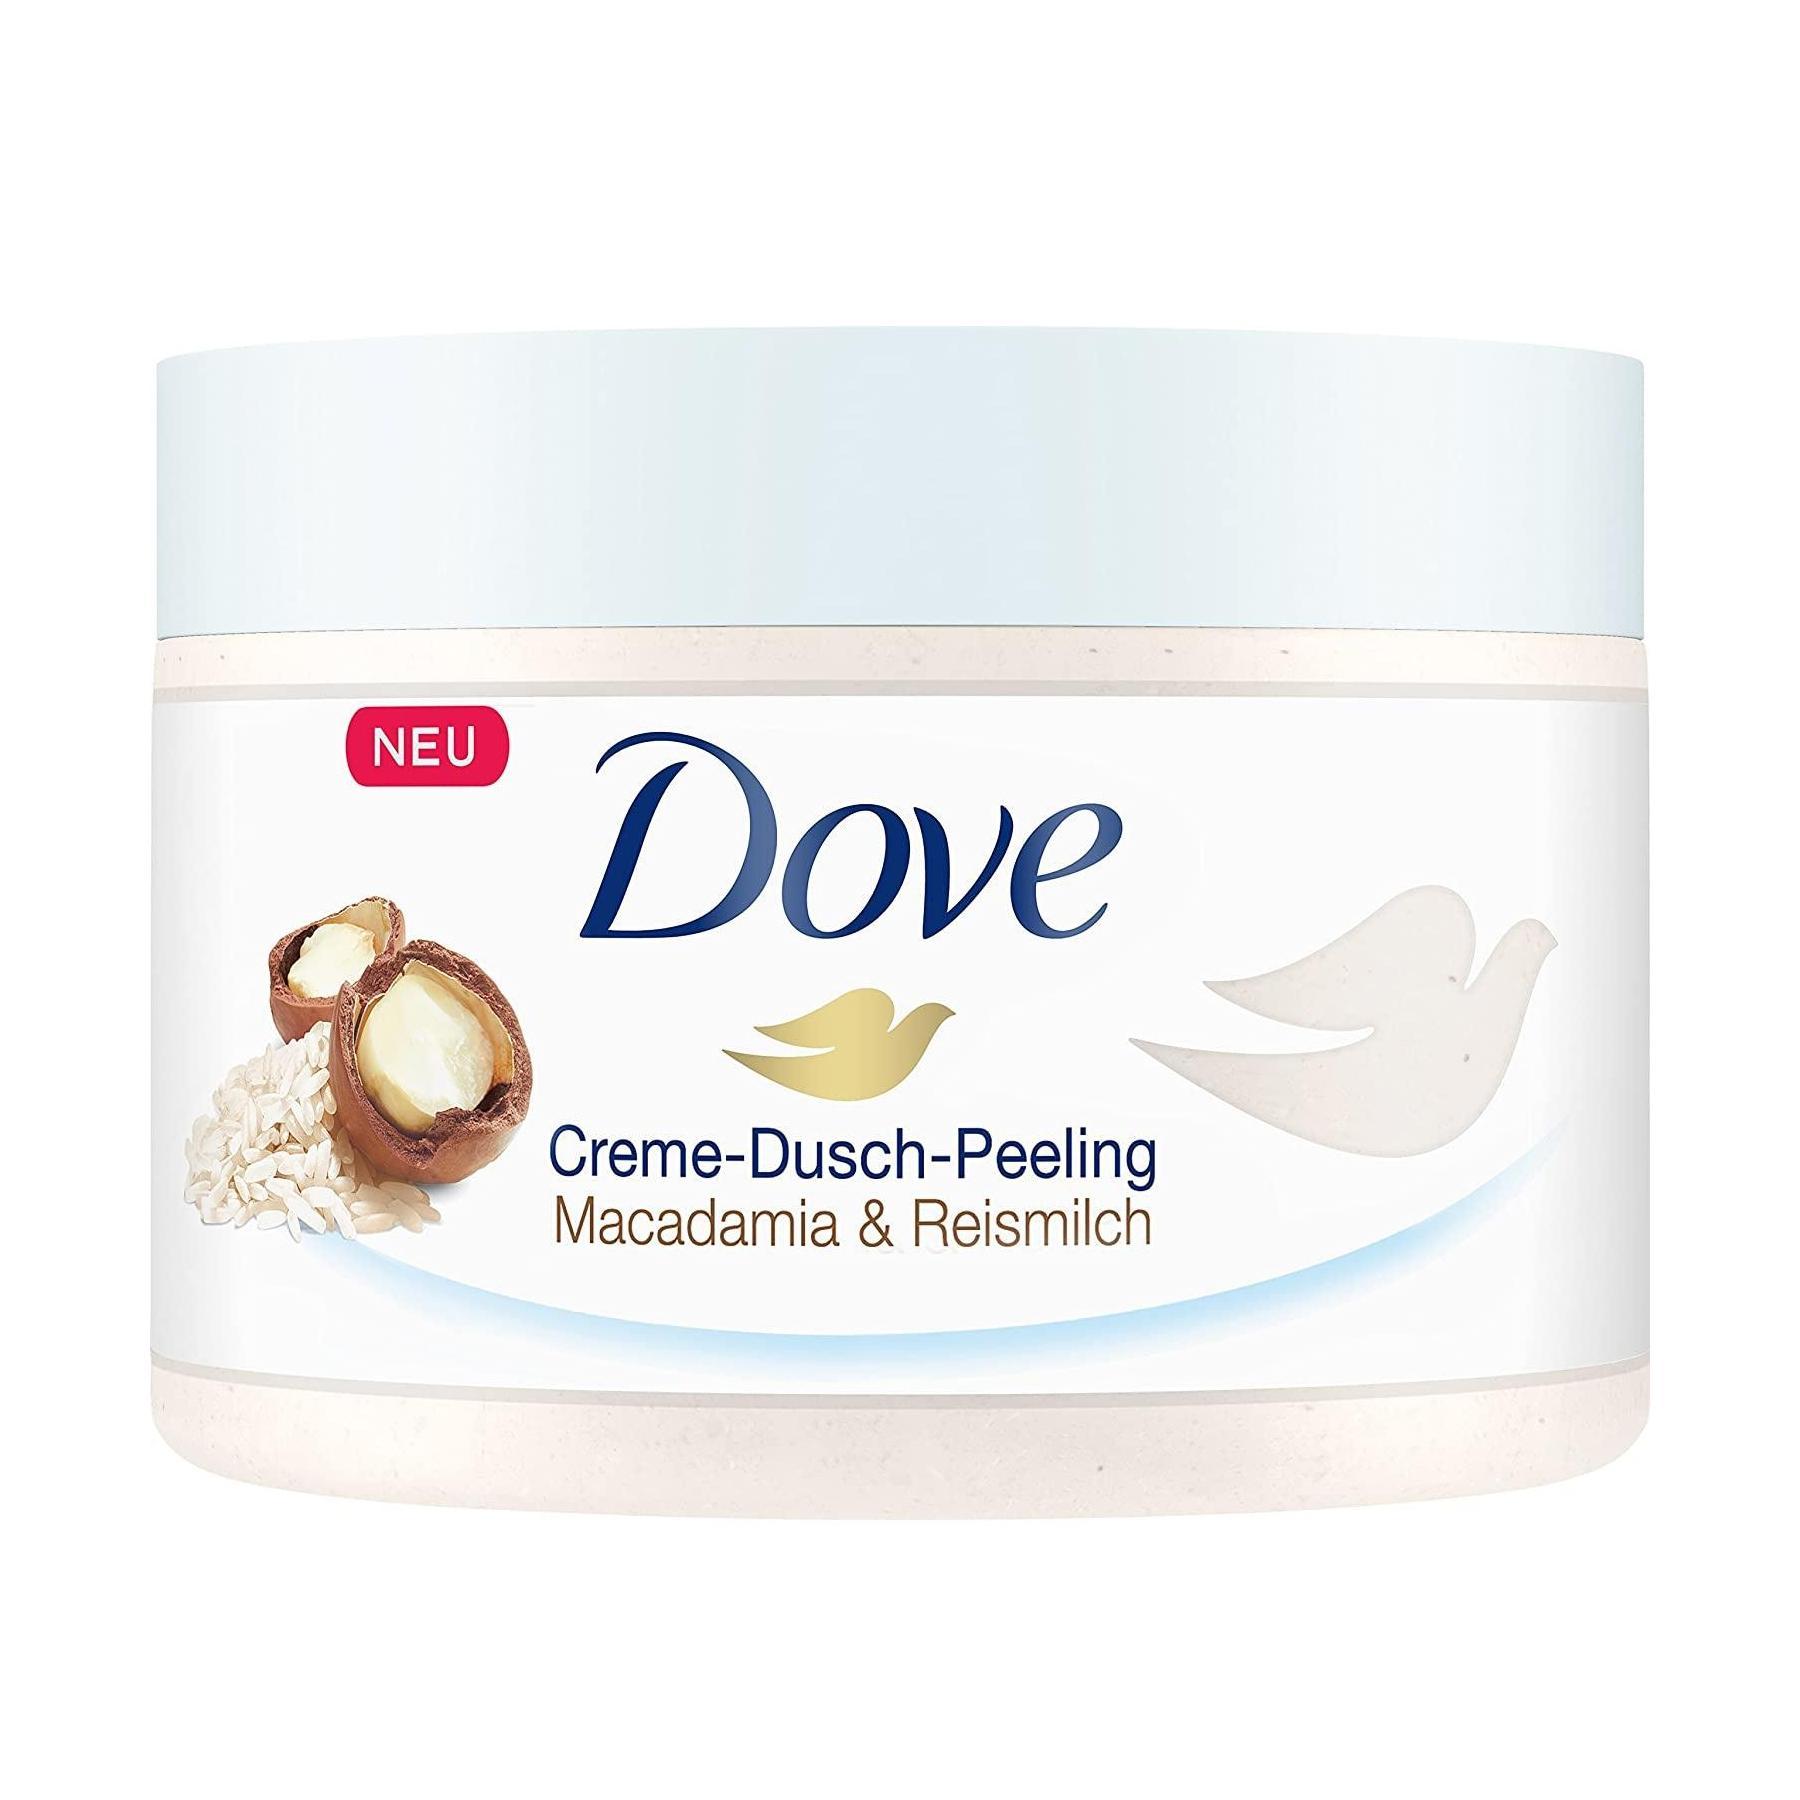 低价!Dove 多芬 坚果米浆冰淇淋身体磨砂膏 225ml*4罐